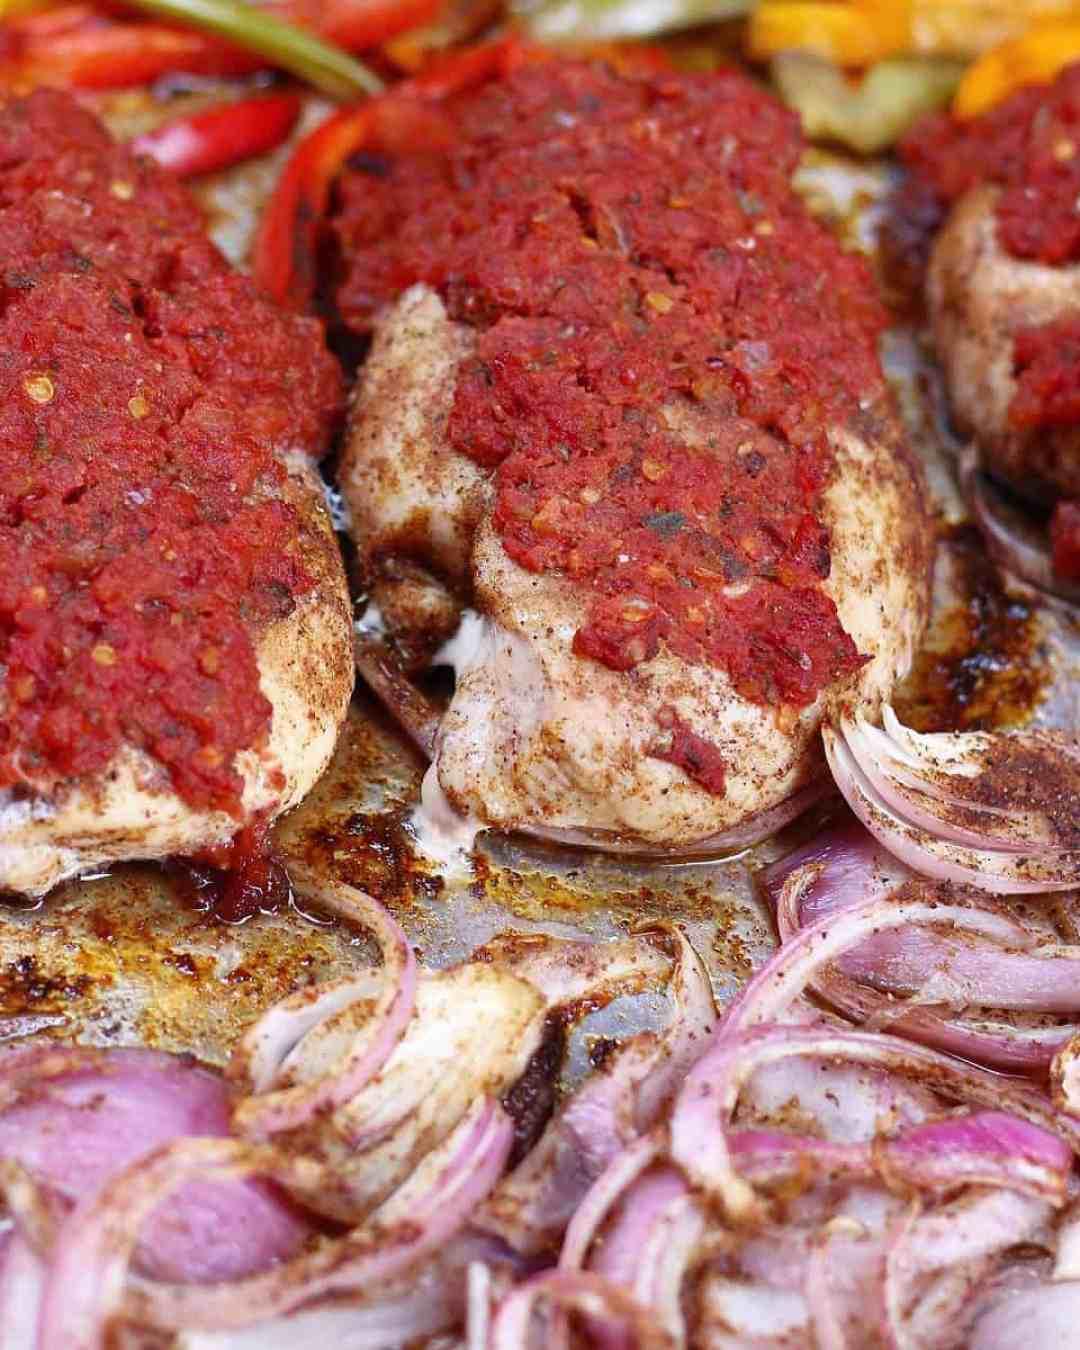 Łatwe przygotowywanie posiłków dzięki pojemnikom Reynolds Heat and Eat oraz łatwy przepis na kurczaka z papryką fajita i kuskusem w jednym garnku!